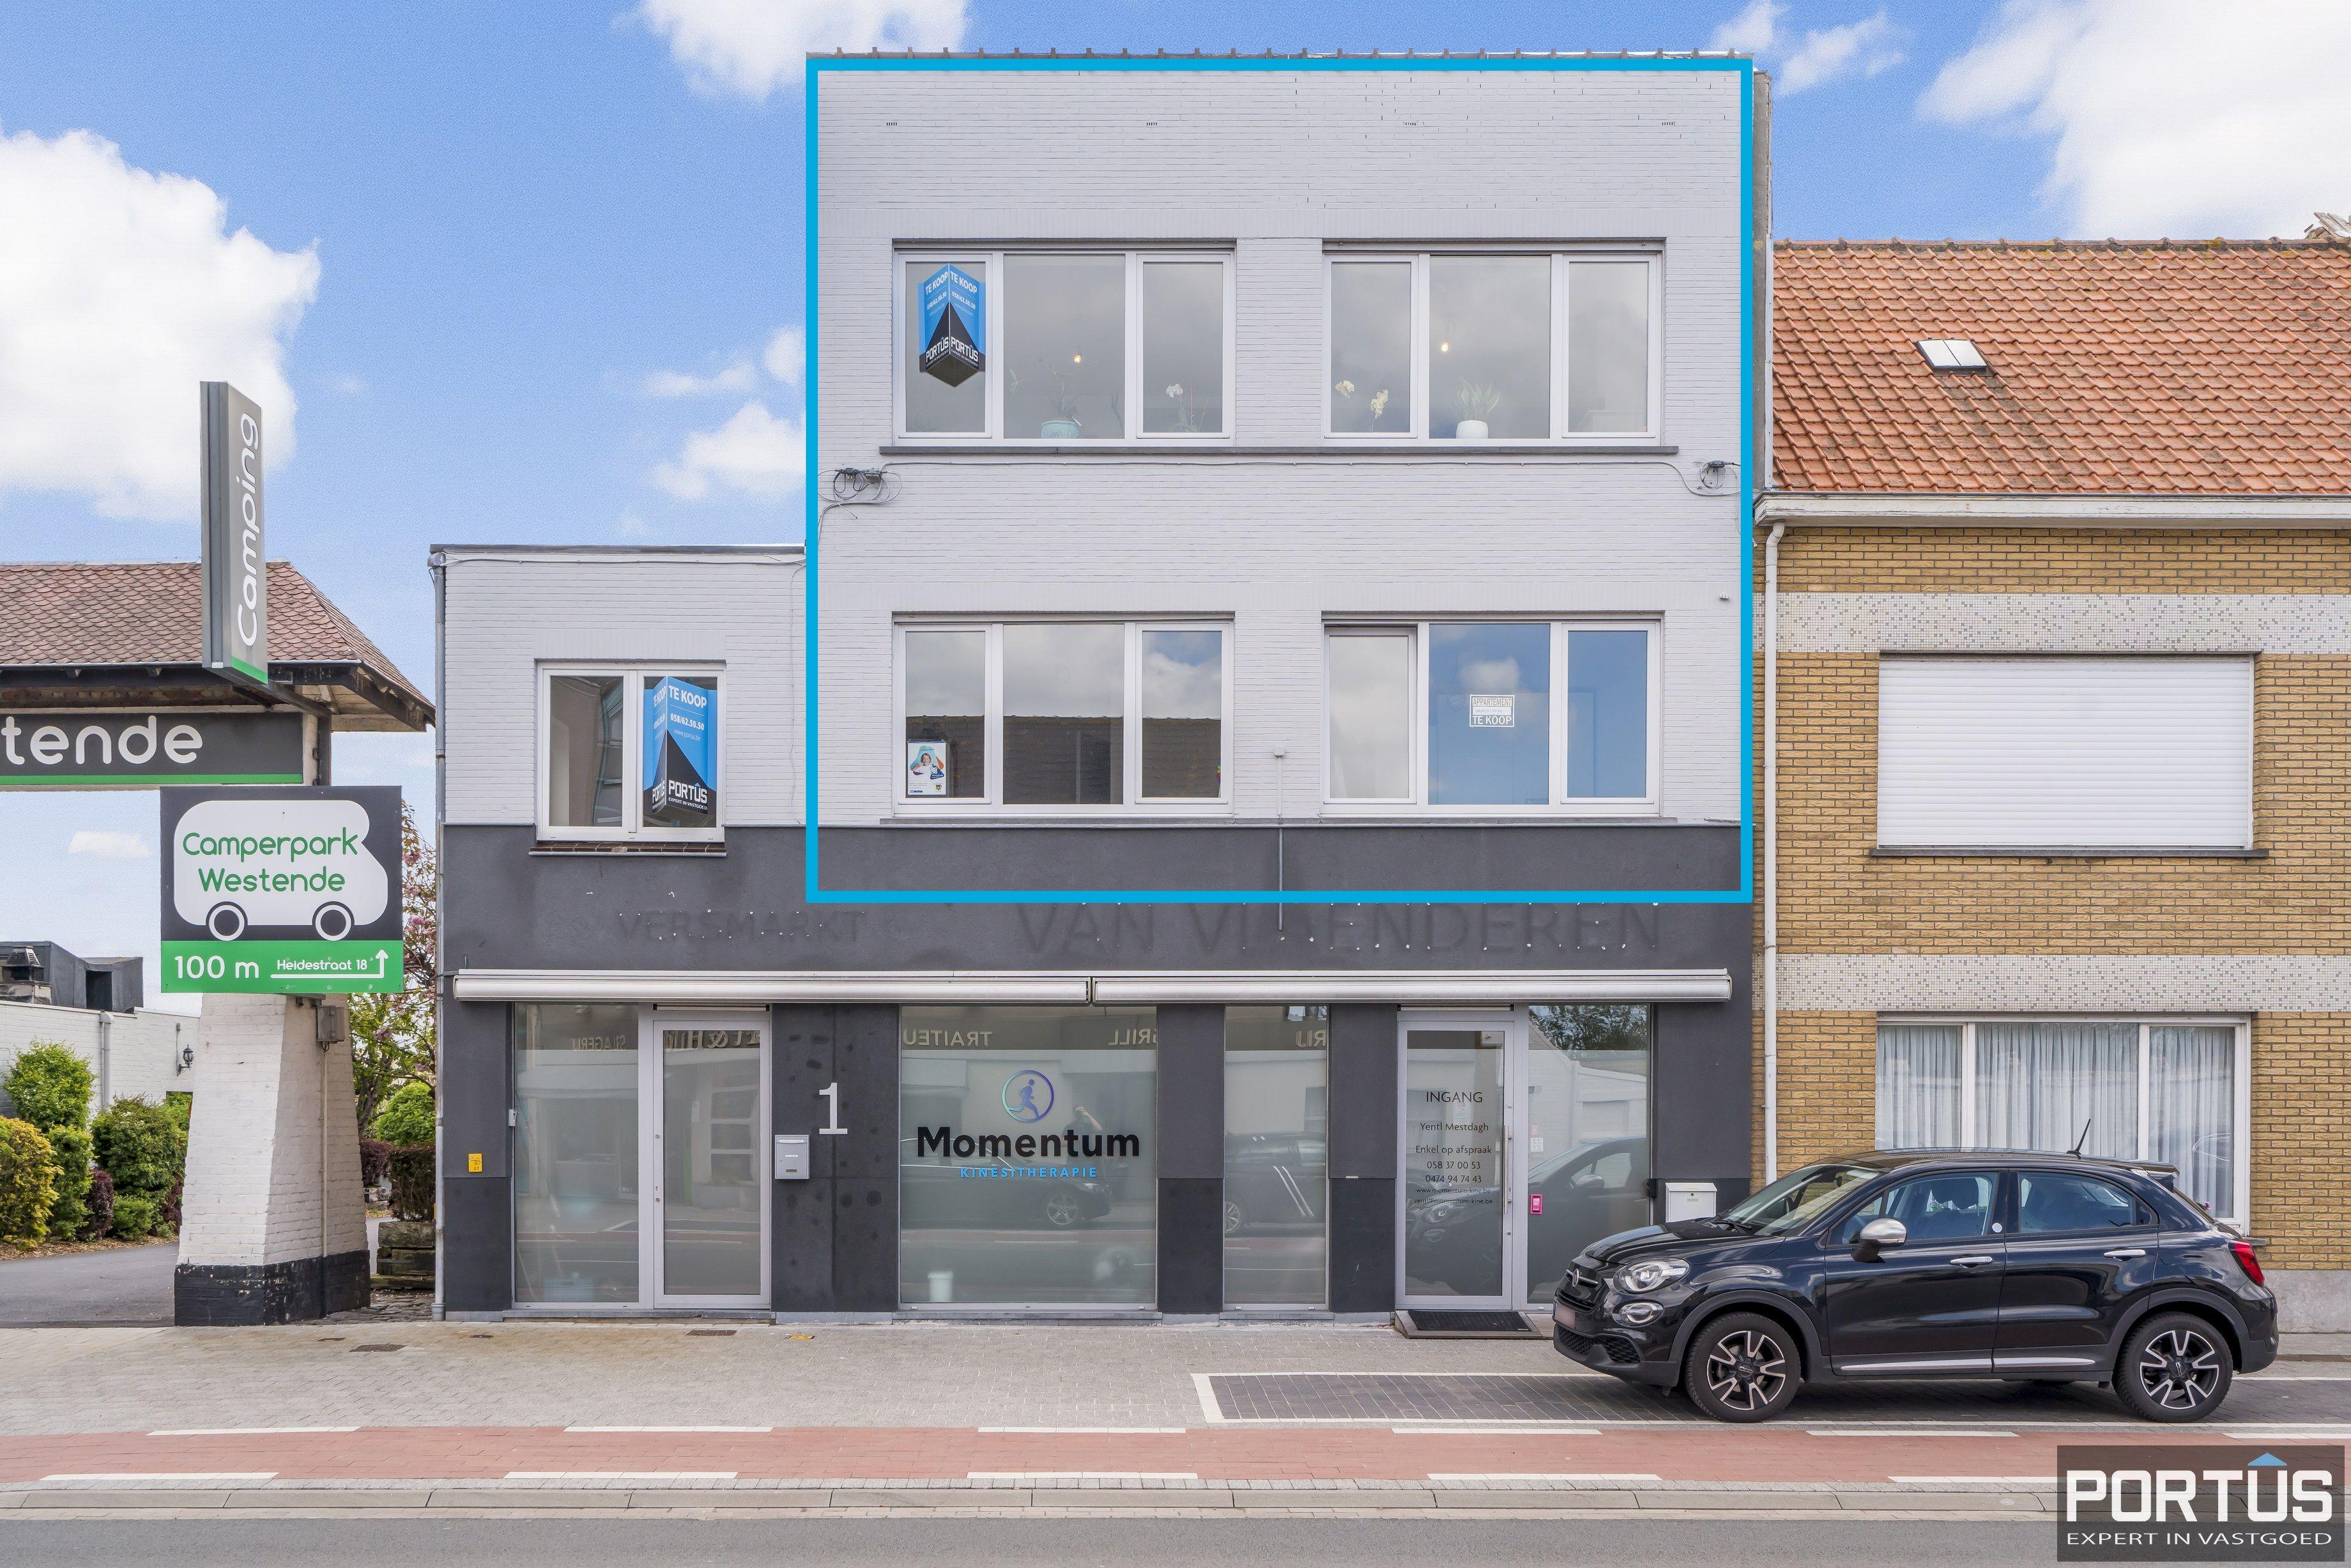 Appartement met 3 slaapkamers te koop te Westende - 13508